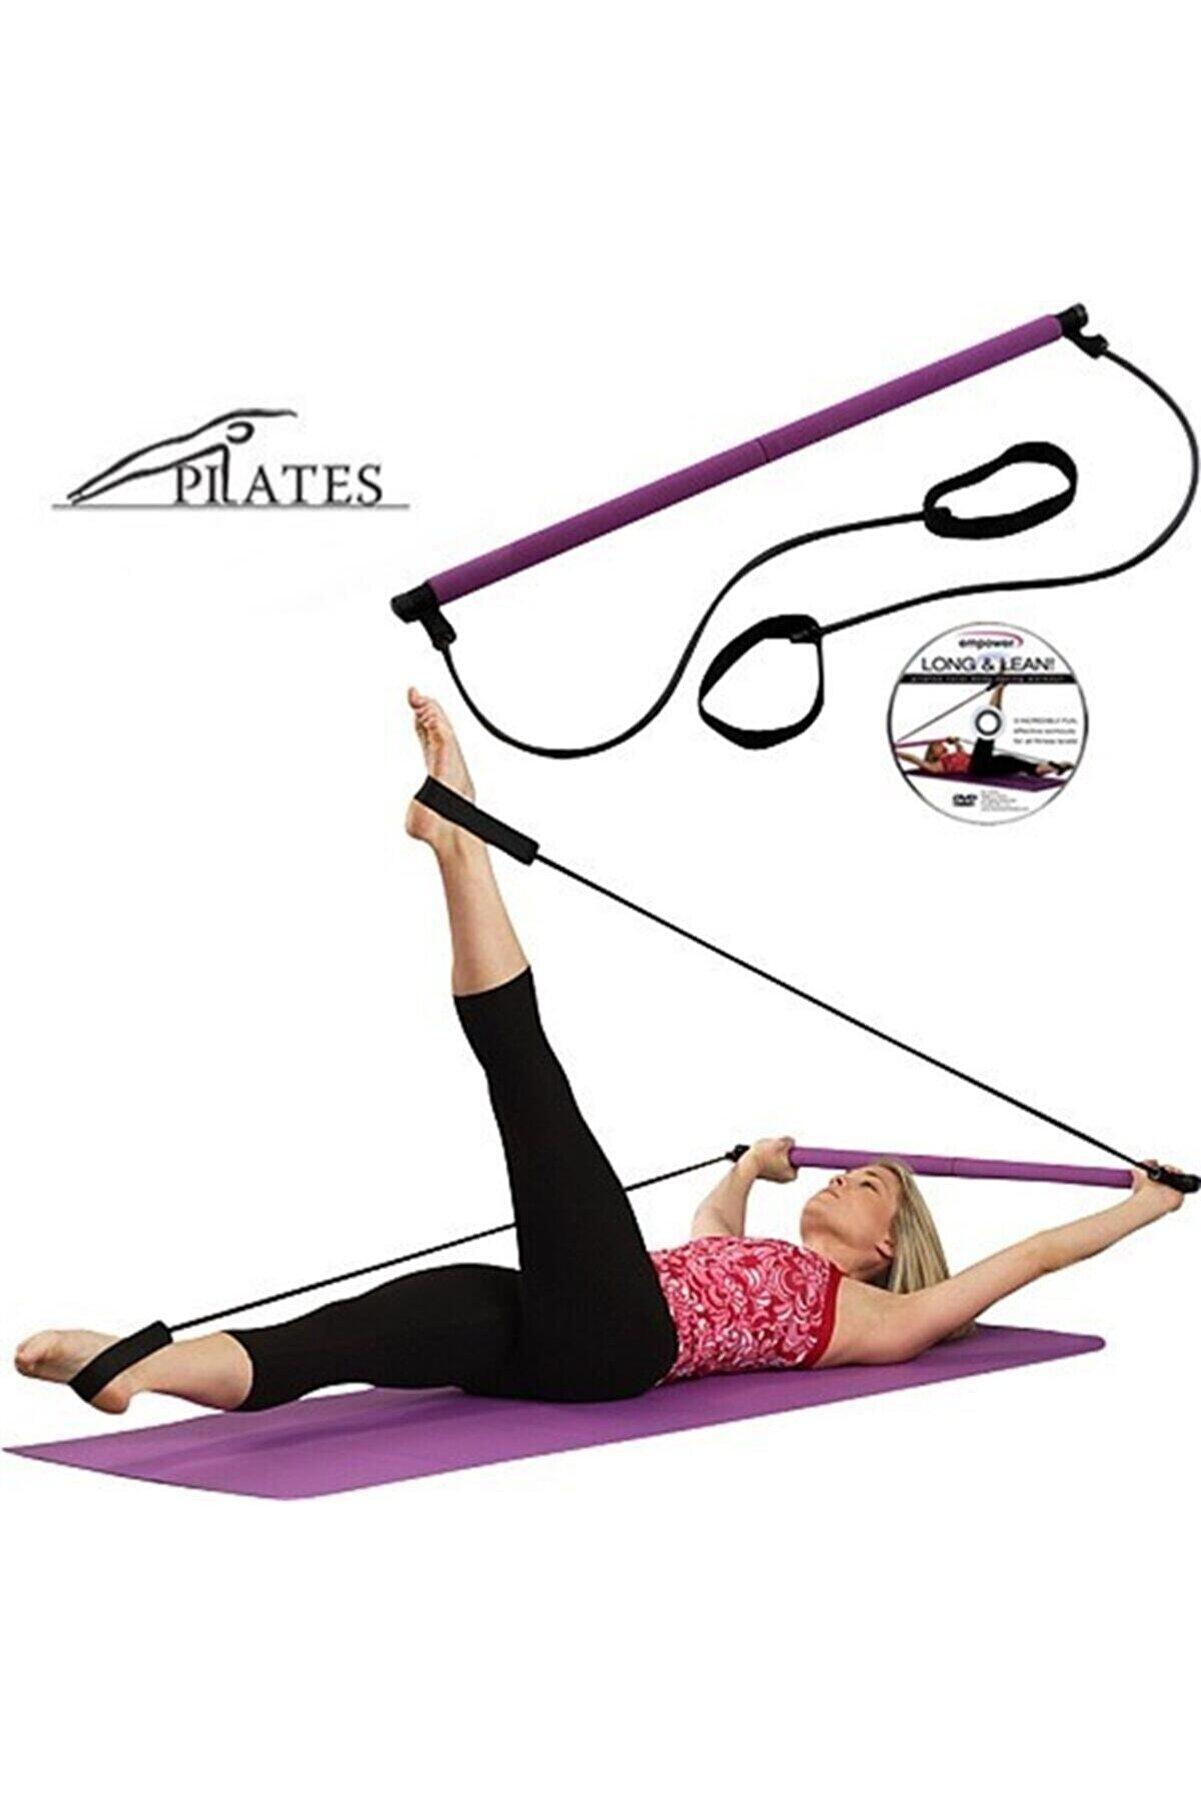 epazzar Jimnastik Çubuğu (Plates Barı) Taşınabilir